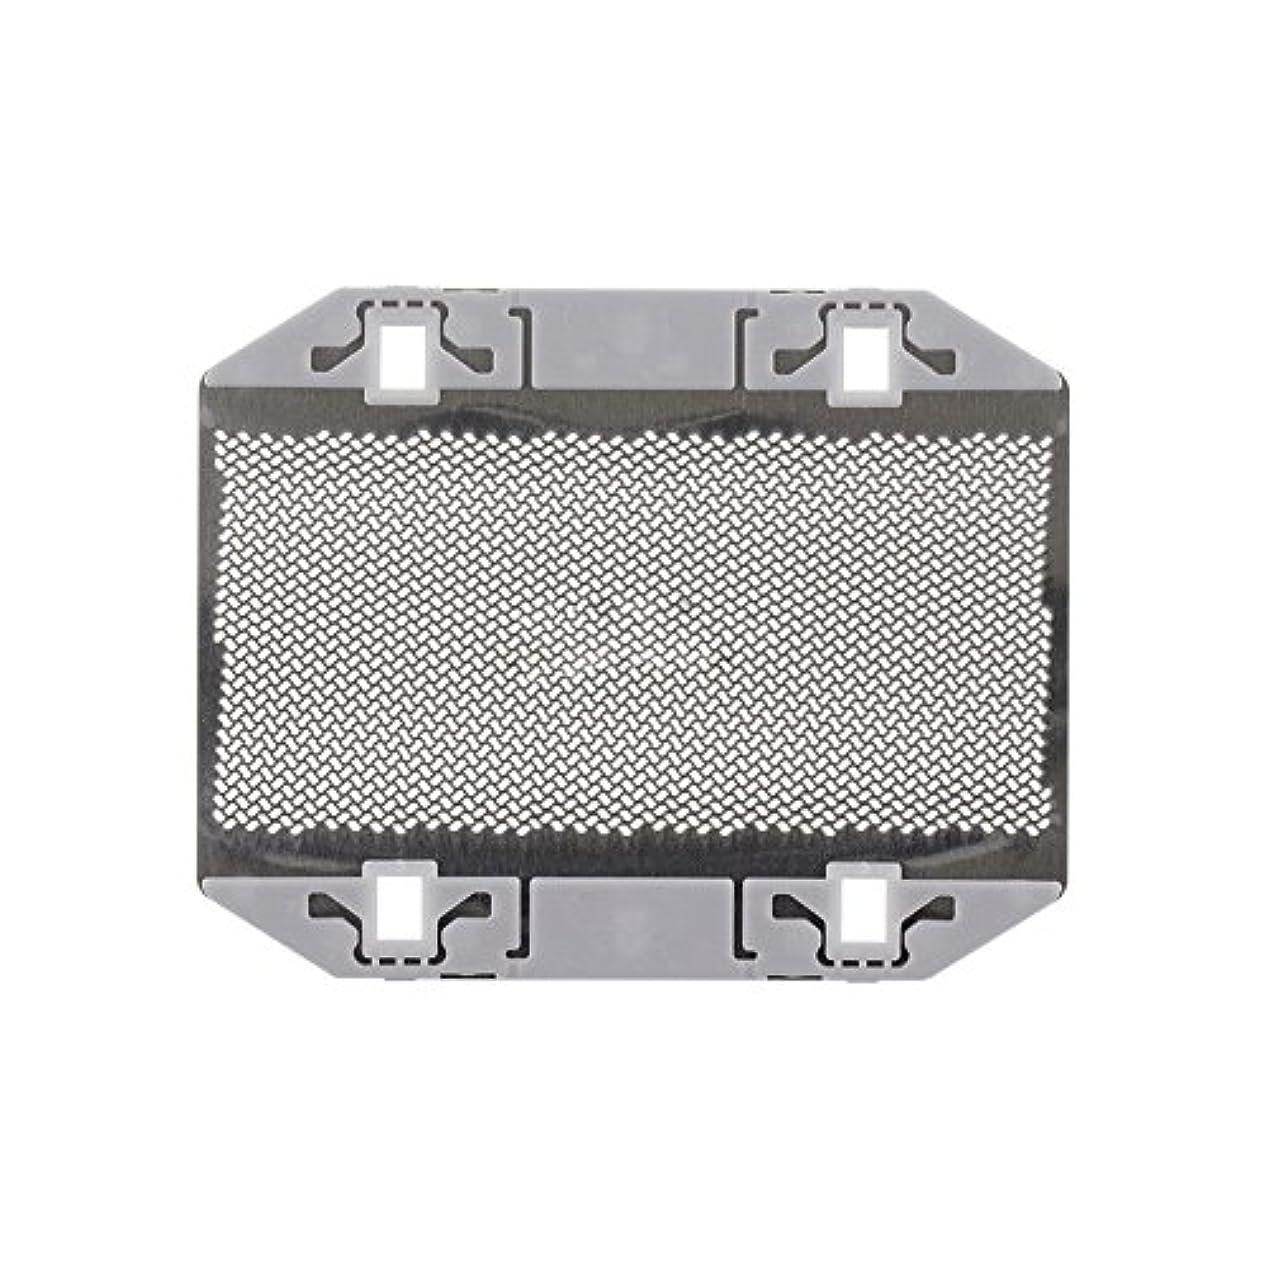 サワーすき項目Deylaying シェーバー替刃 ロータリー式シェーバー パーツ 外刃 耐用 高質量 for Panasonic ES9943 ES3042 ES3801 ES3750 ES365 ES366